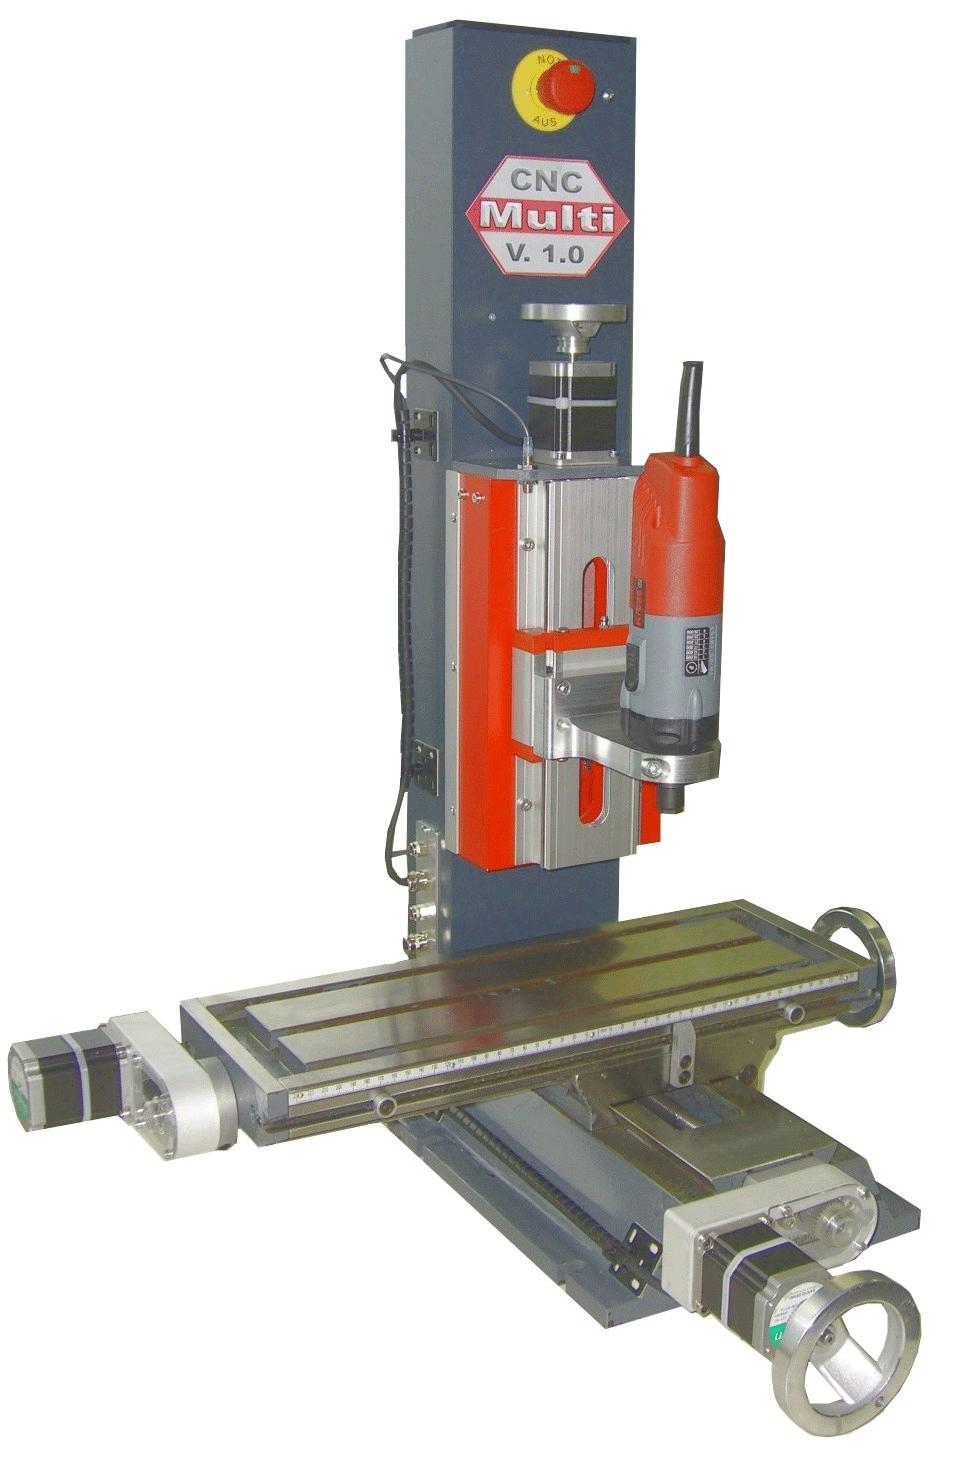 CNC-MULTI